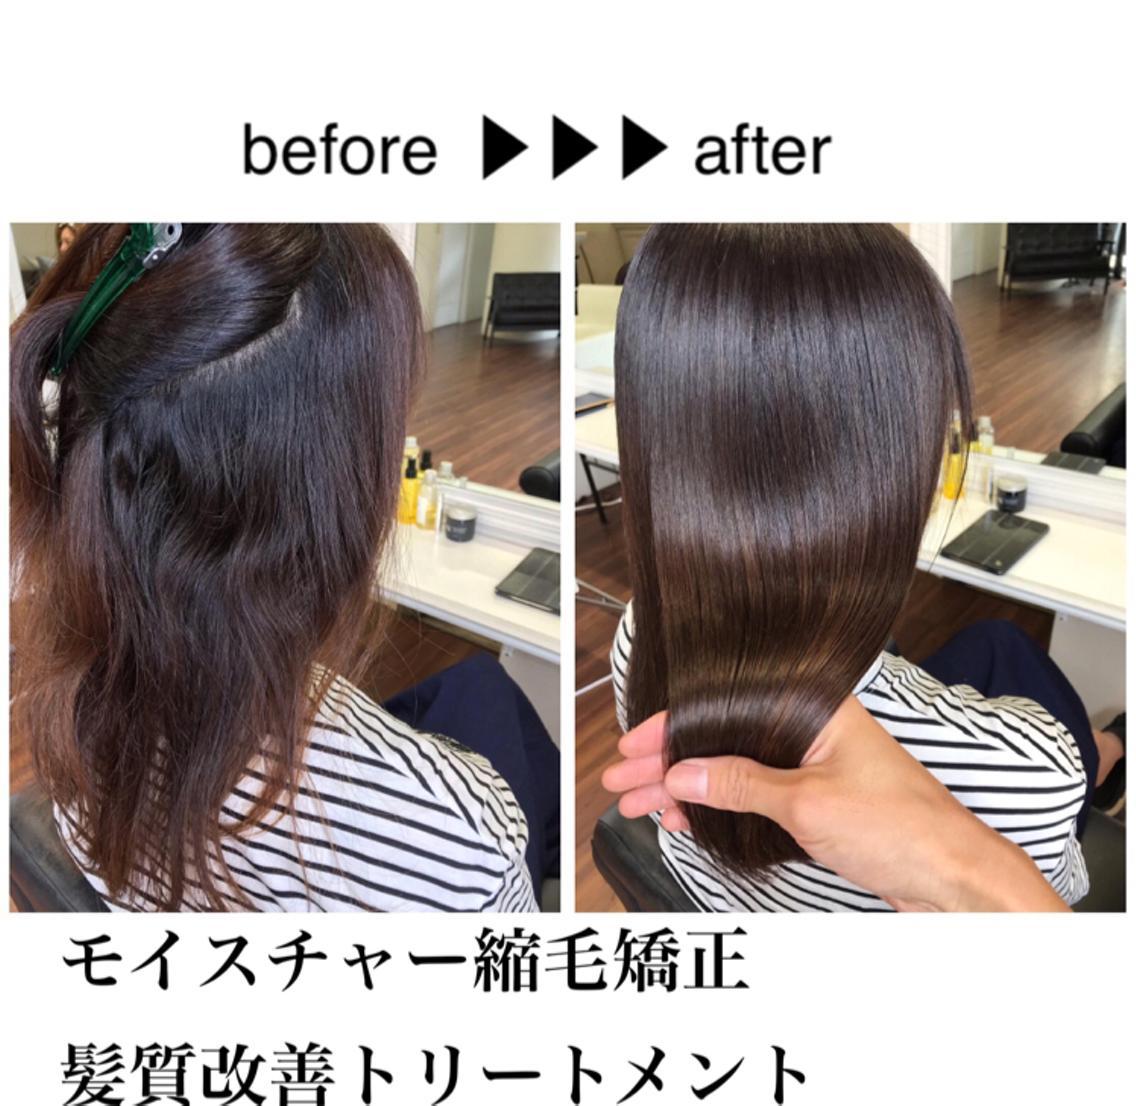 【熊本下通】✨アディクシーカラー✨読者モデルカラー✨髪質改善ストレート✨髪がきれいになれる美容室✨